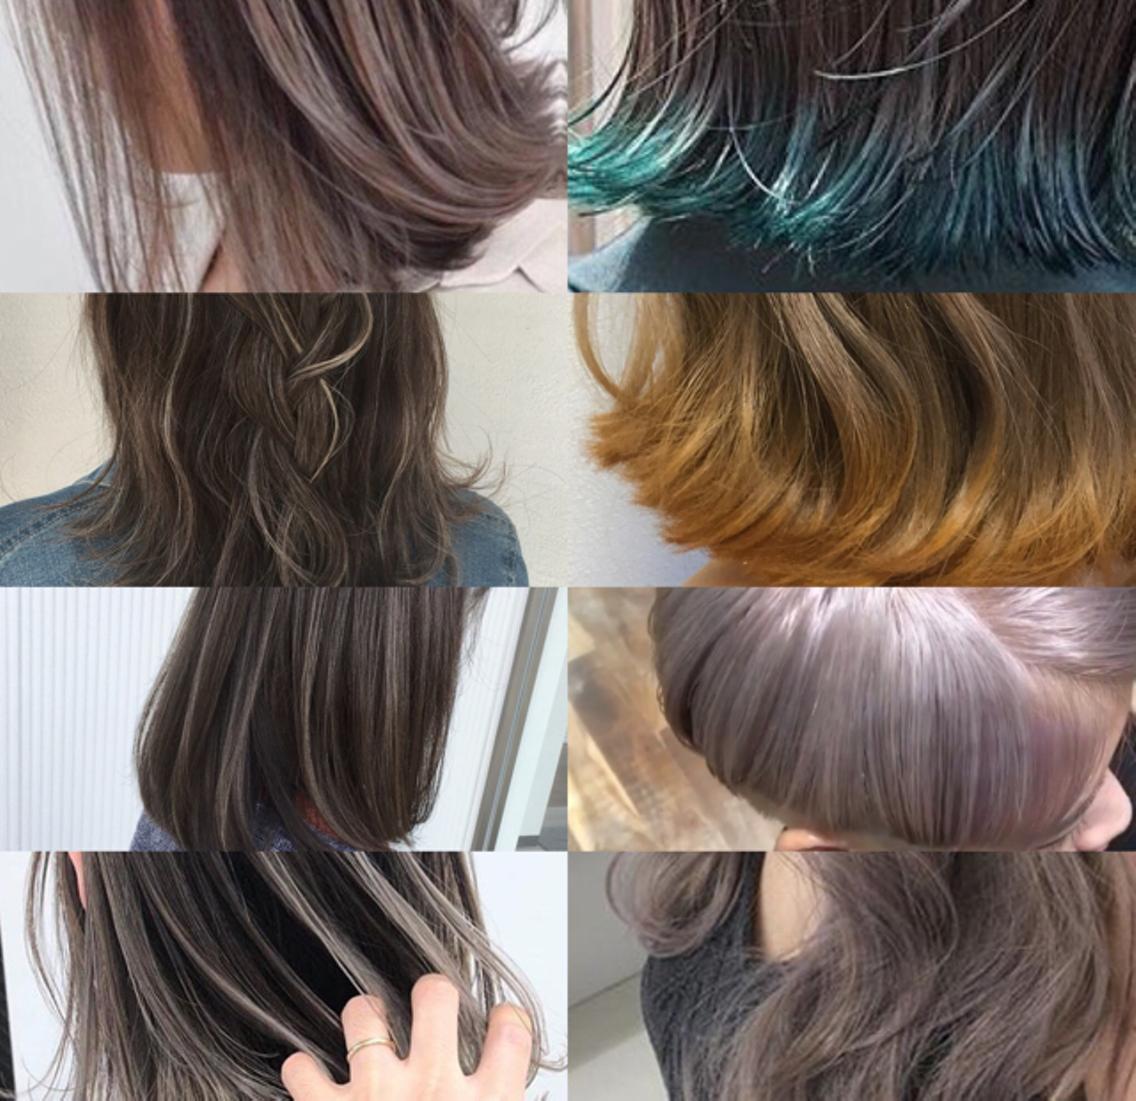 年齢、髪質、顔型、などに関係なくどんなお客様にも必ず似合うスタイルをつくります。Instagram  konpiro1106